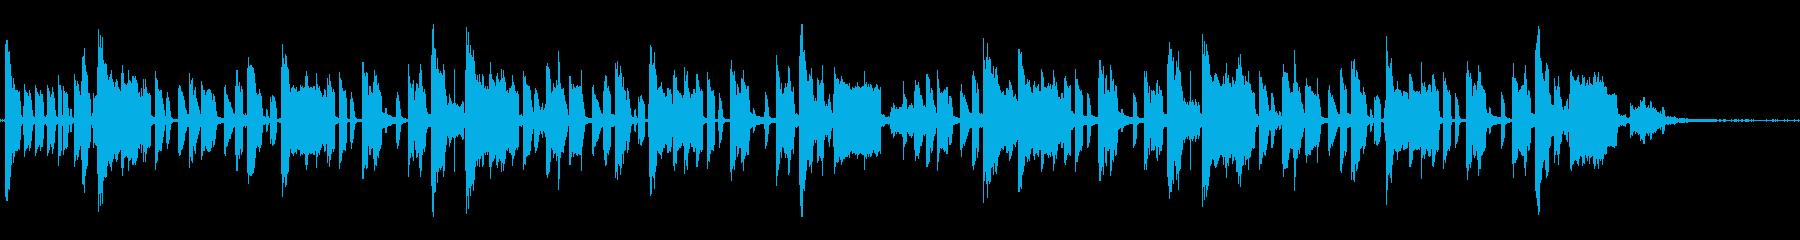 ファンキーでダークなヒップホップの再生済みの波形